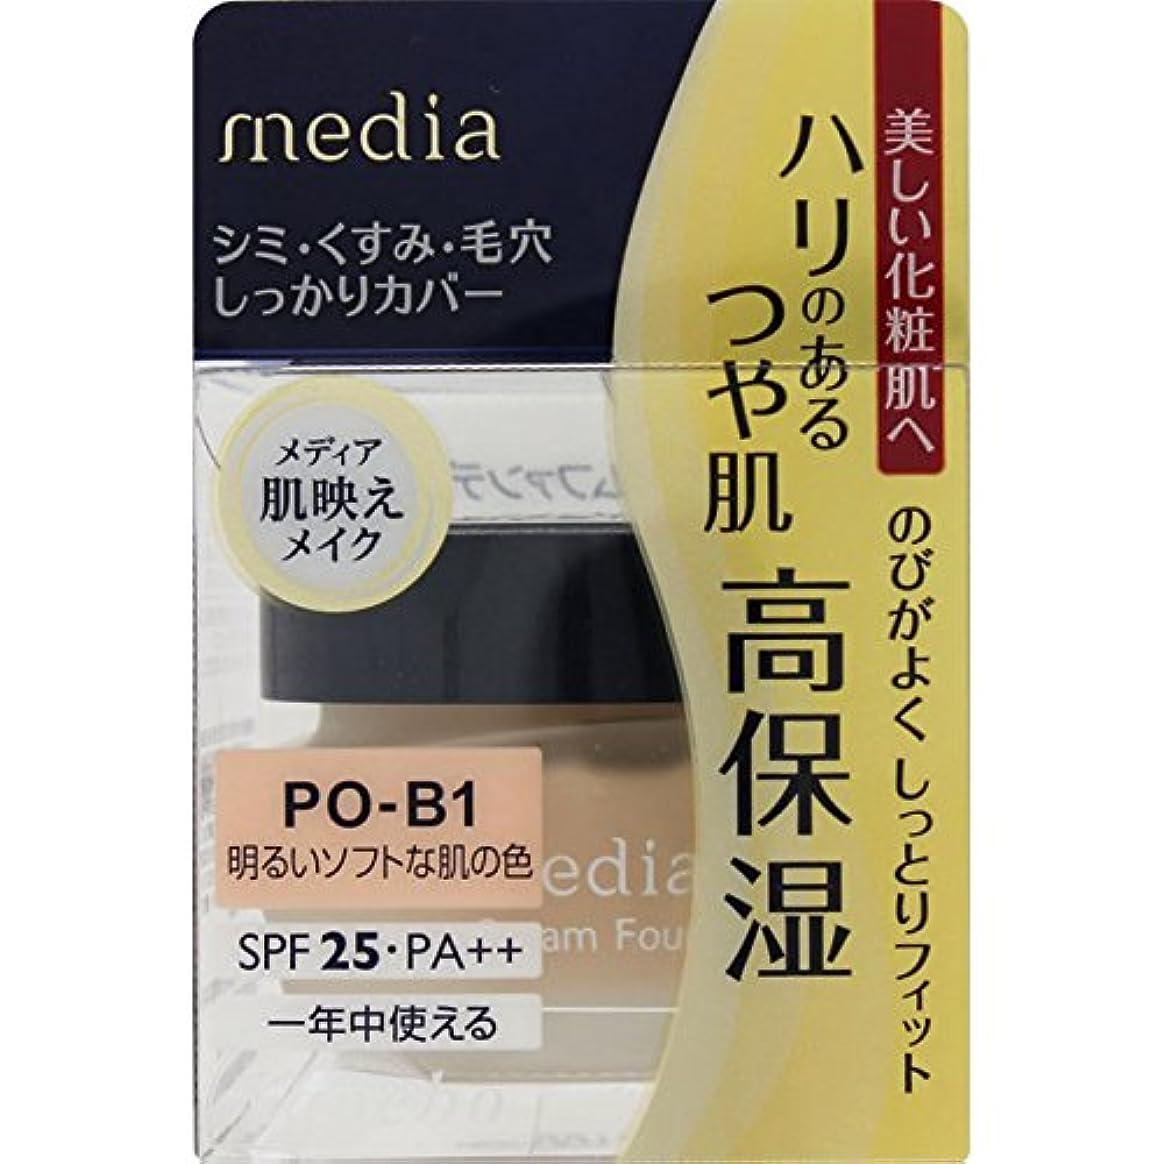 びん軽減するタンパク質カネボウ化粧品 メディア クリームファンデーション 明るいソフトな肌の色 POーB1